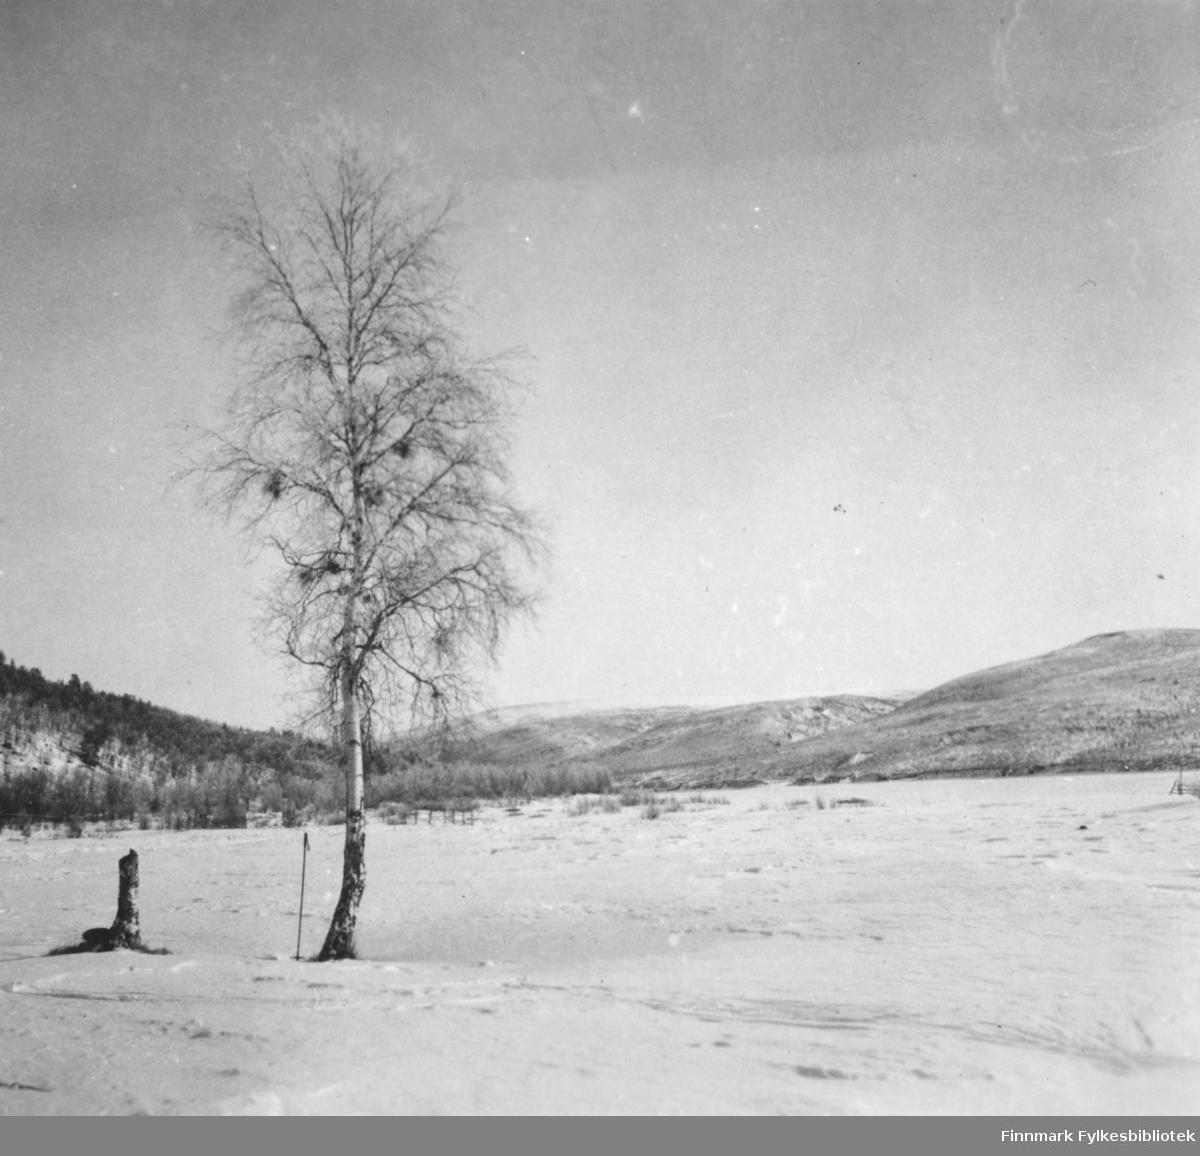 Et stereobilde med vintermotiv fra Tanadalen. det står et stor bjørk midt i bildet.        .